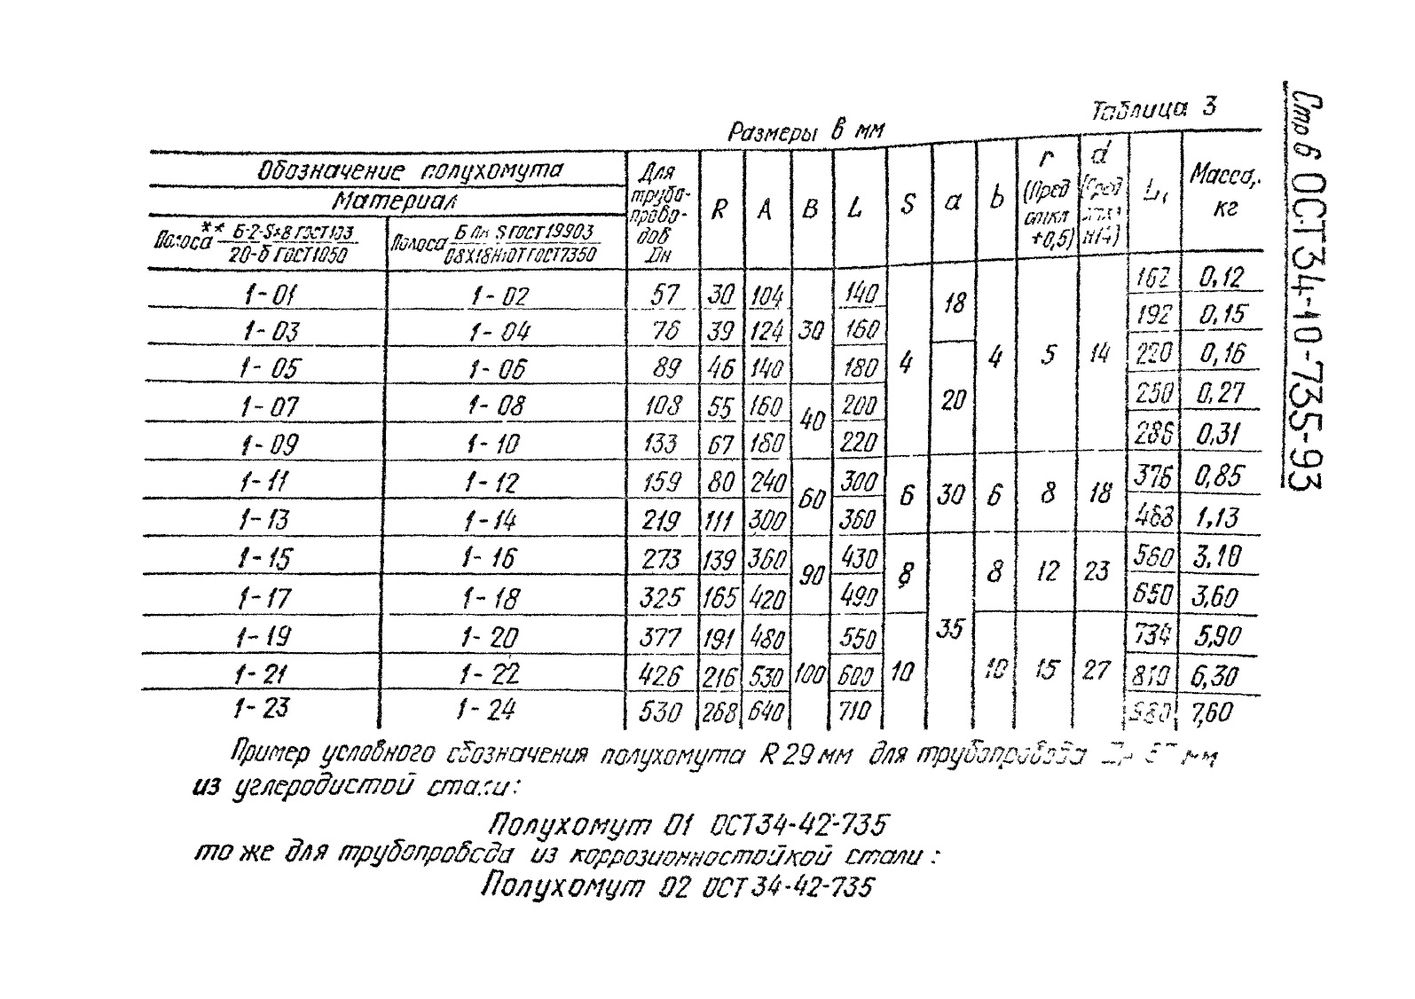 Хомуты для горизонтальных трубопроводов ОСТ 34-10-735-93 стр.6